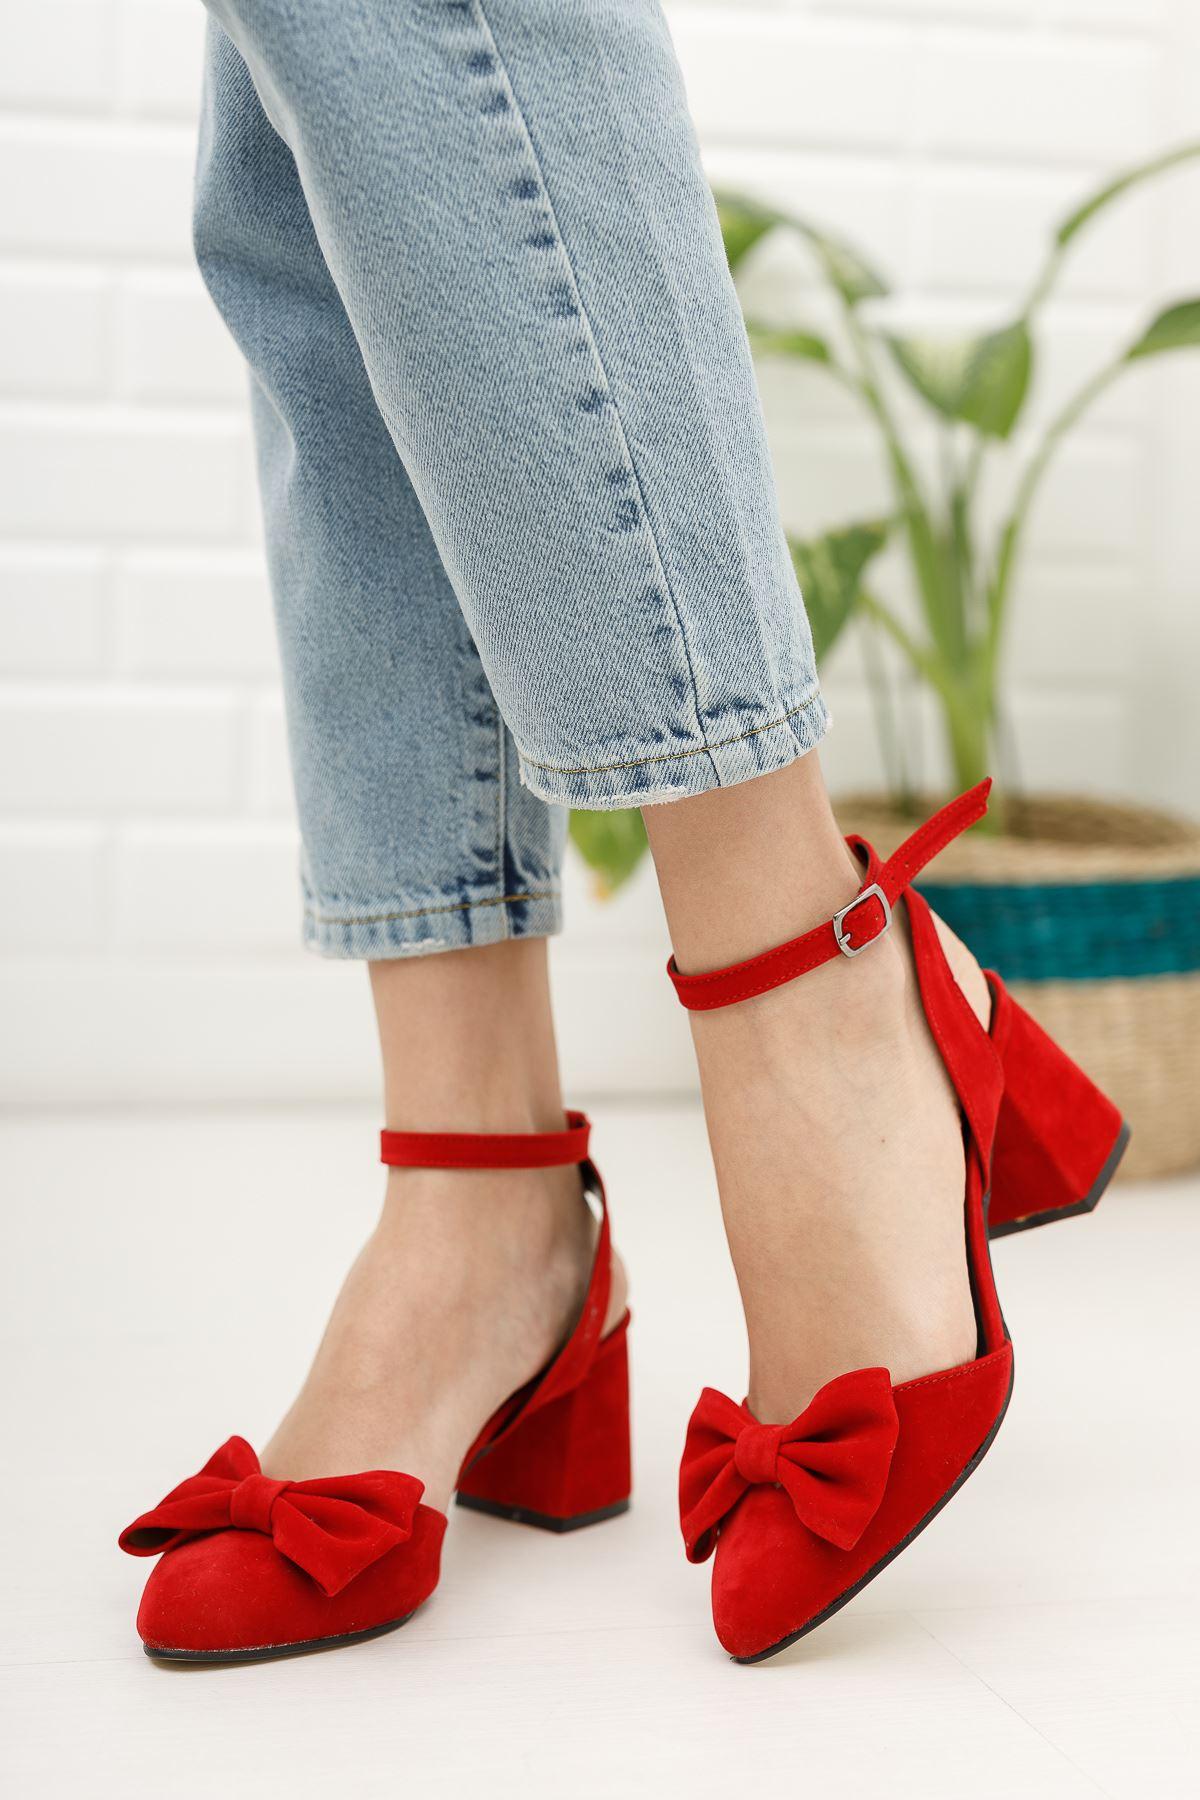 Kadın Hilemo Süet Topuklu Ayakkabı Kırmızı